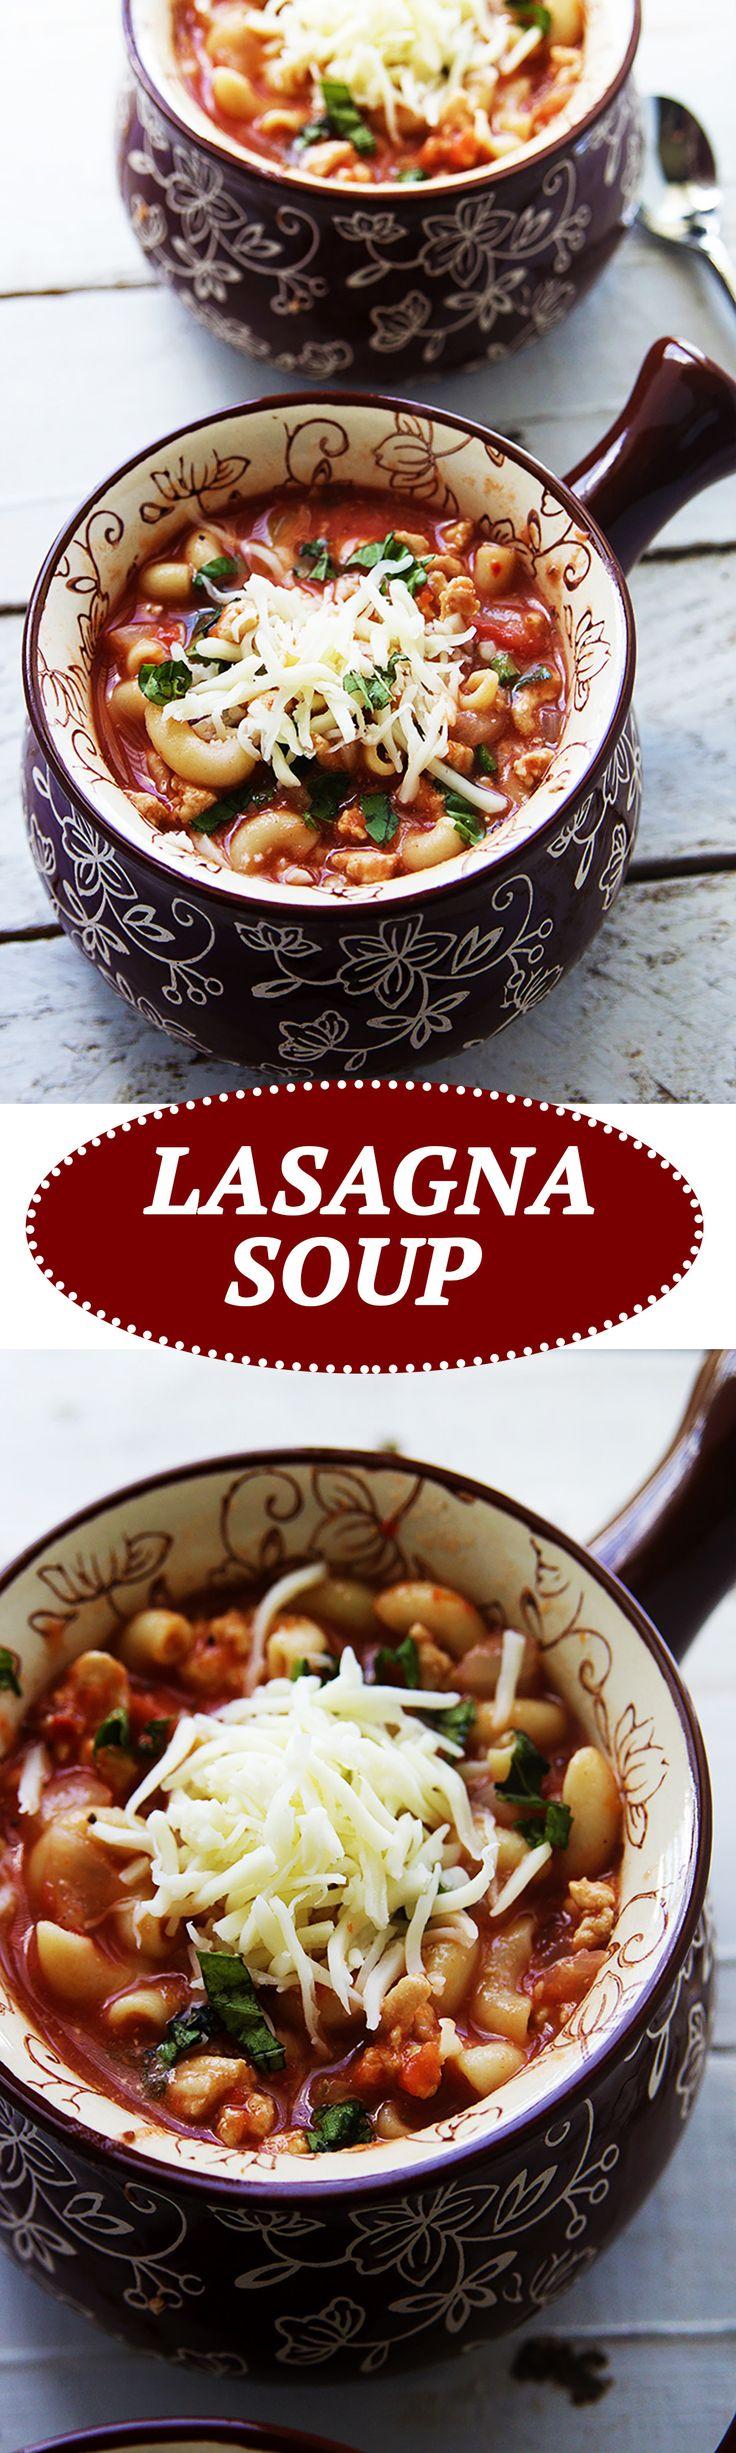 Lasagna Soup is a fun way to enjoy the ever popular lasagna dish.